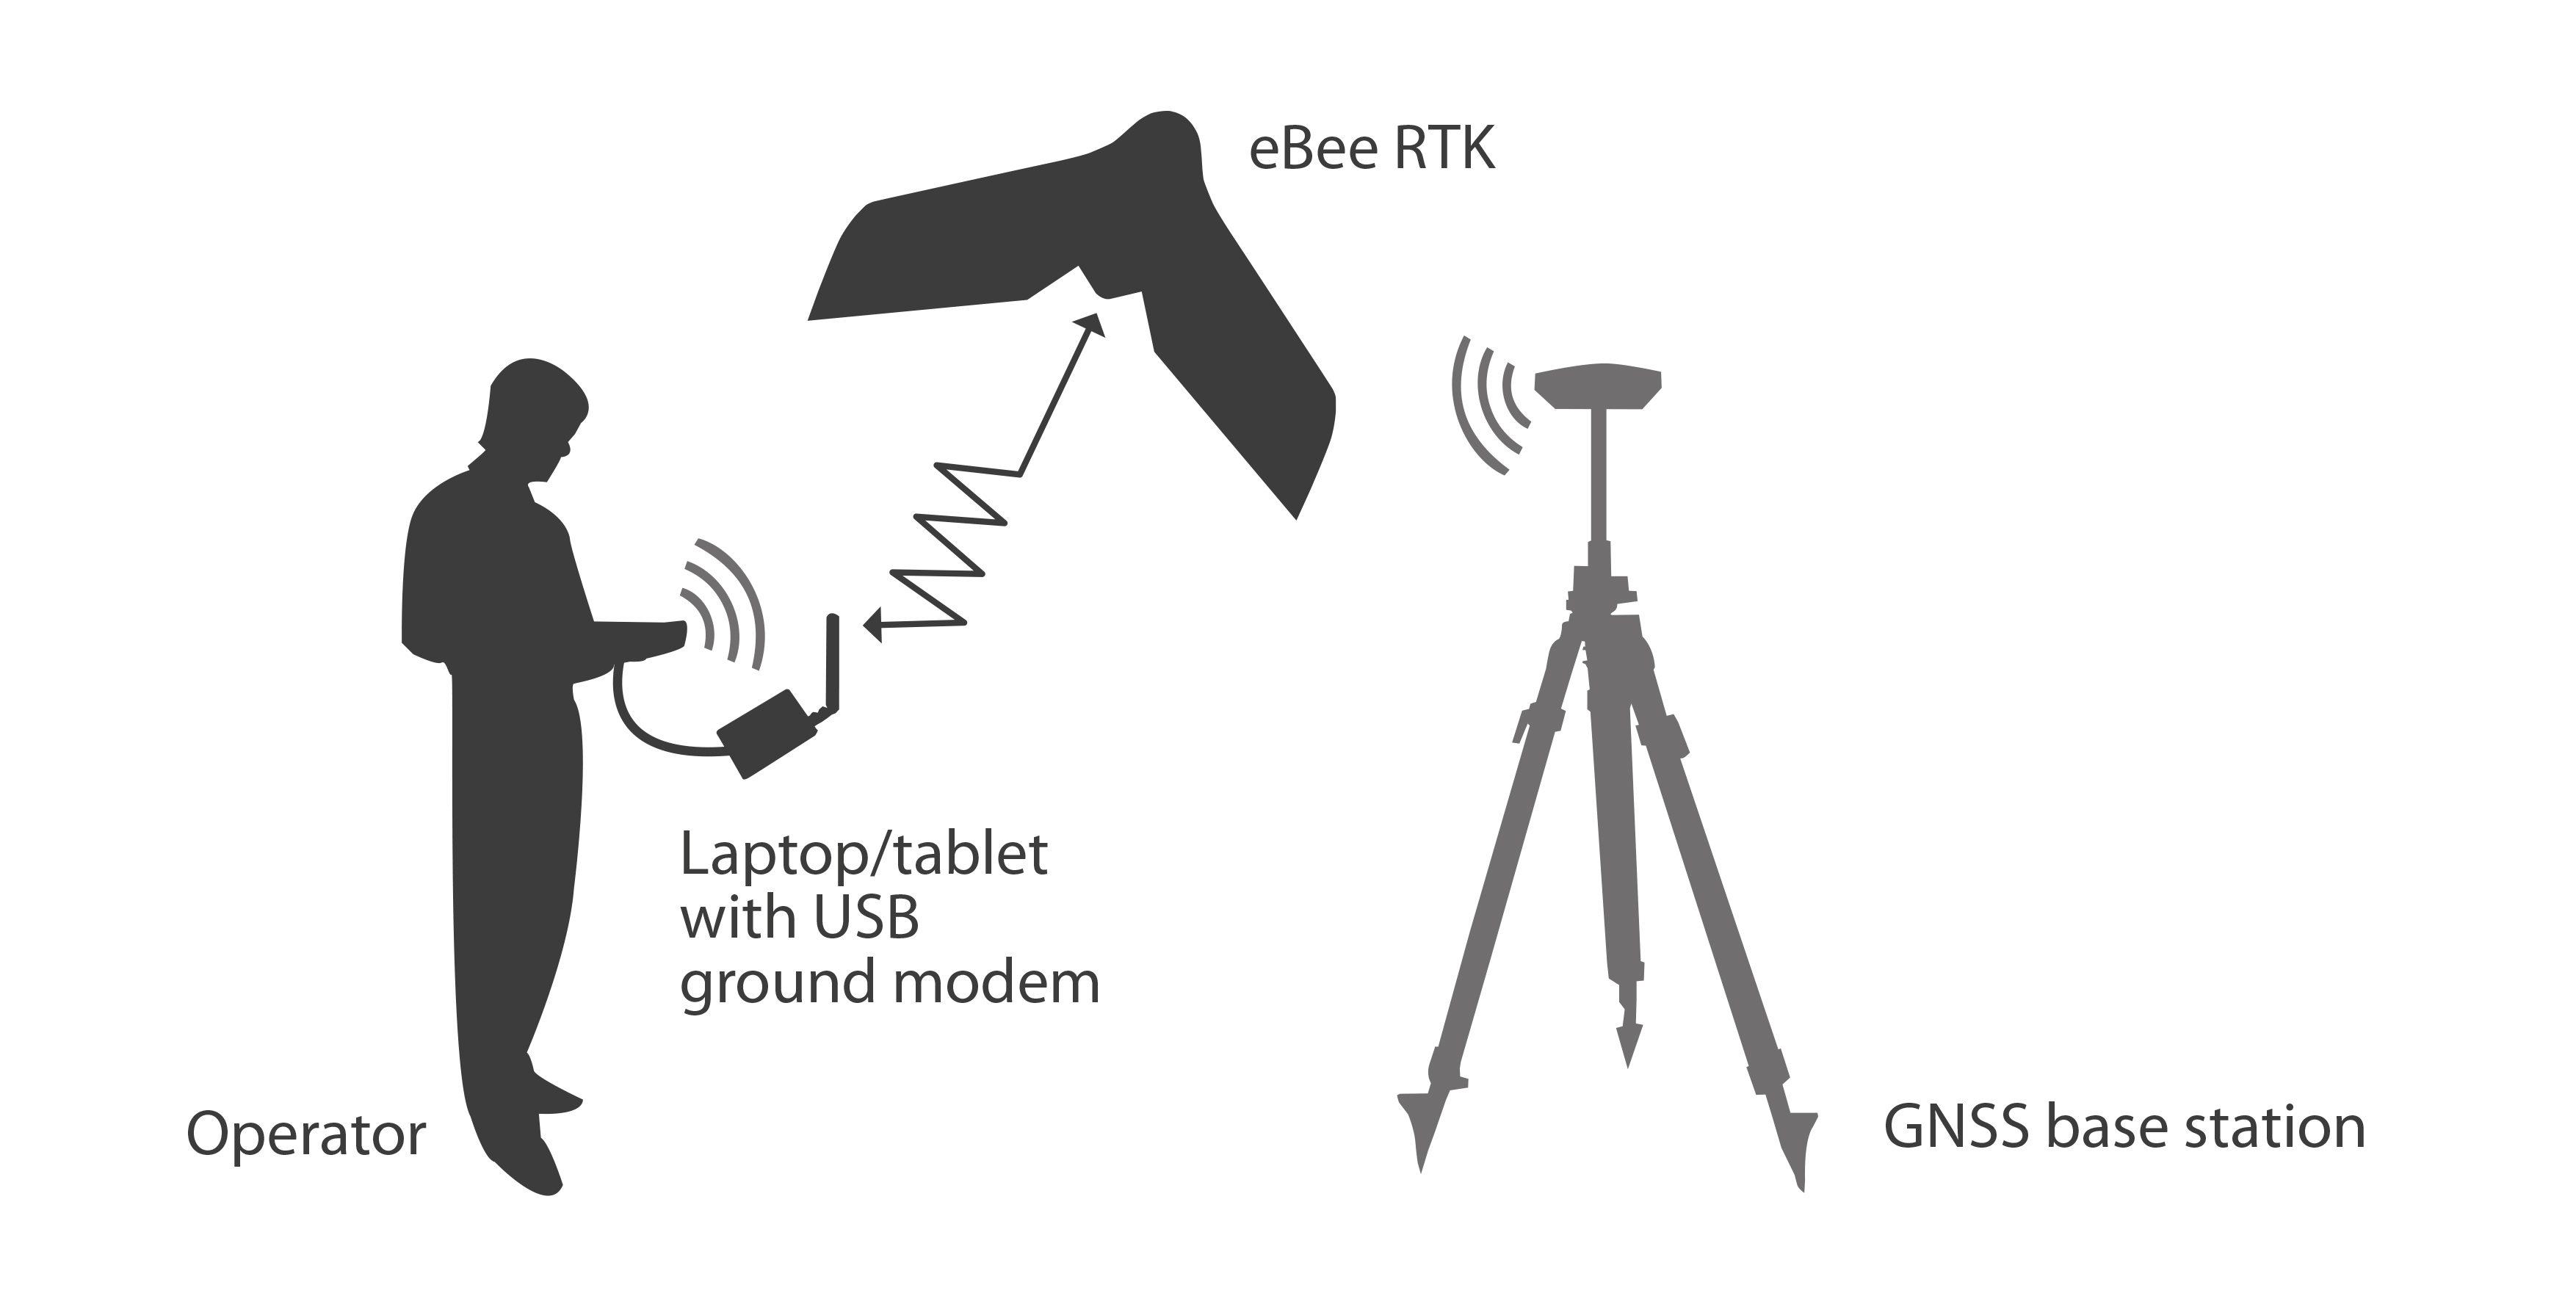 Sensefly Announces Ebee Rtk Survey Grade Mapping Drone